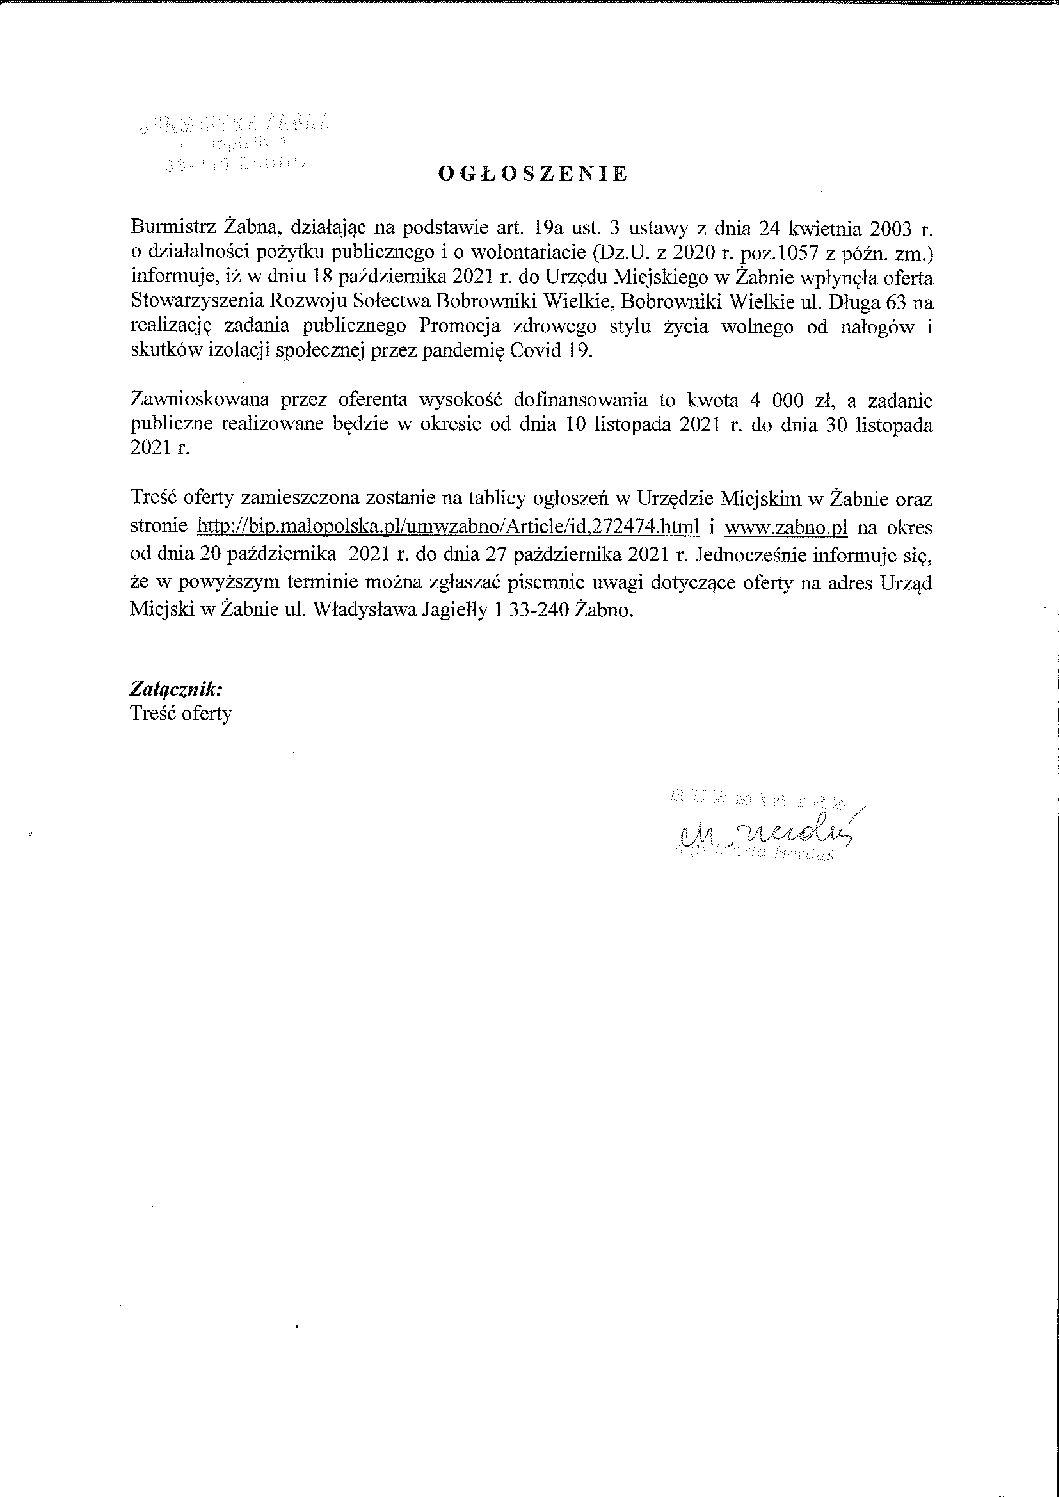 Oferta Stowarzyszenia Rozwoju Sołectwa Bobrowniki Wielkie